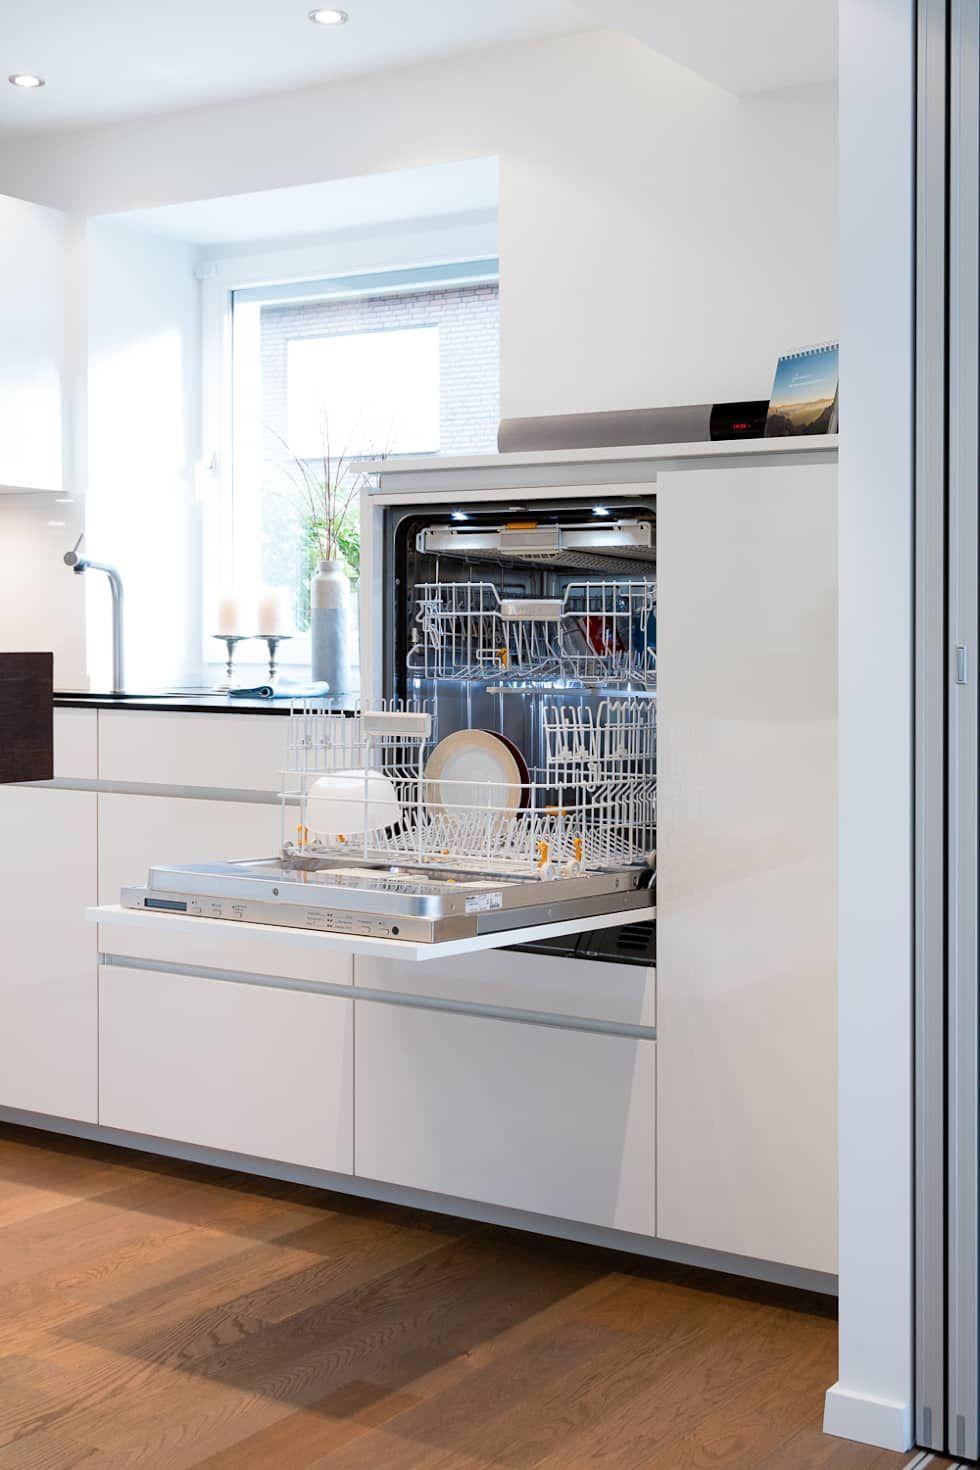 Geschirrspuler Hochgebaut Kuche Von Klocke Mobelwerkstatte Gmbh Geschirrspuler Hochgebaut Moderne Kuche Von Klocke Mobelwerkstatte Gmbh Modern Kitchen Design Home Decor Kitchen Modern Kitchen